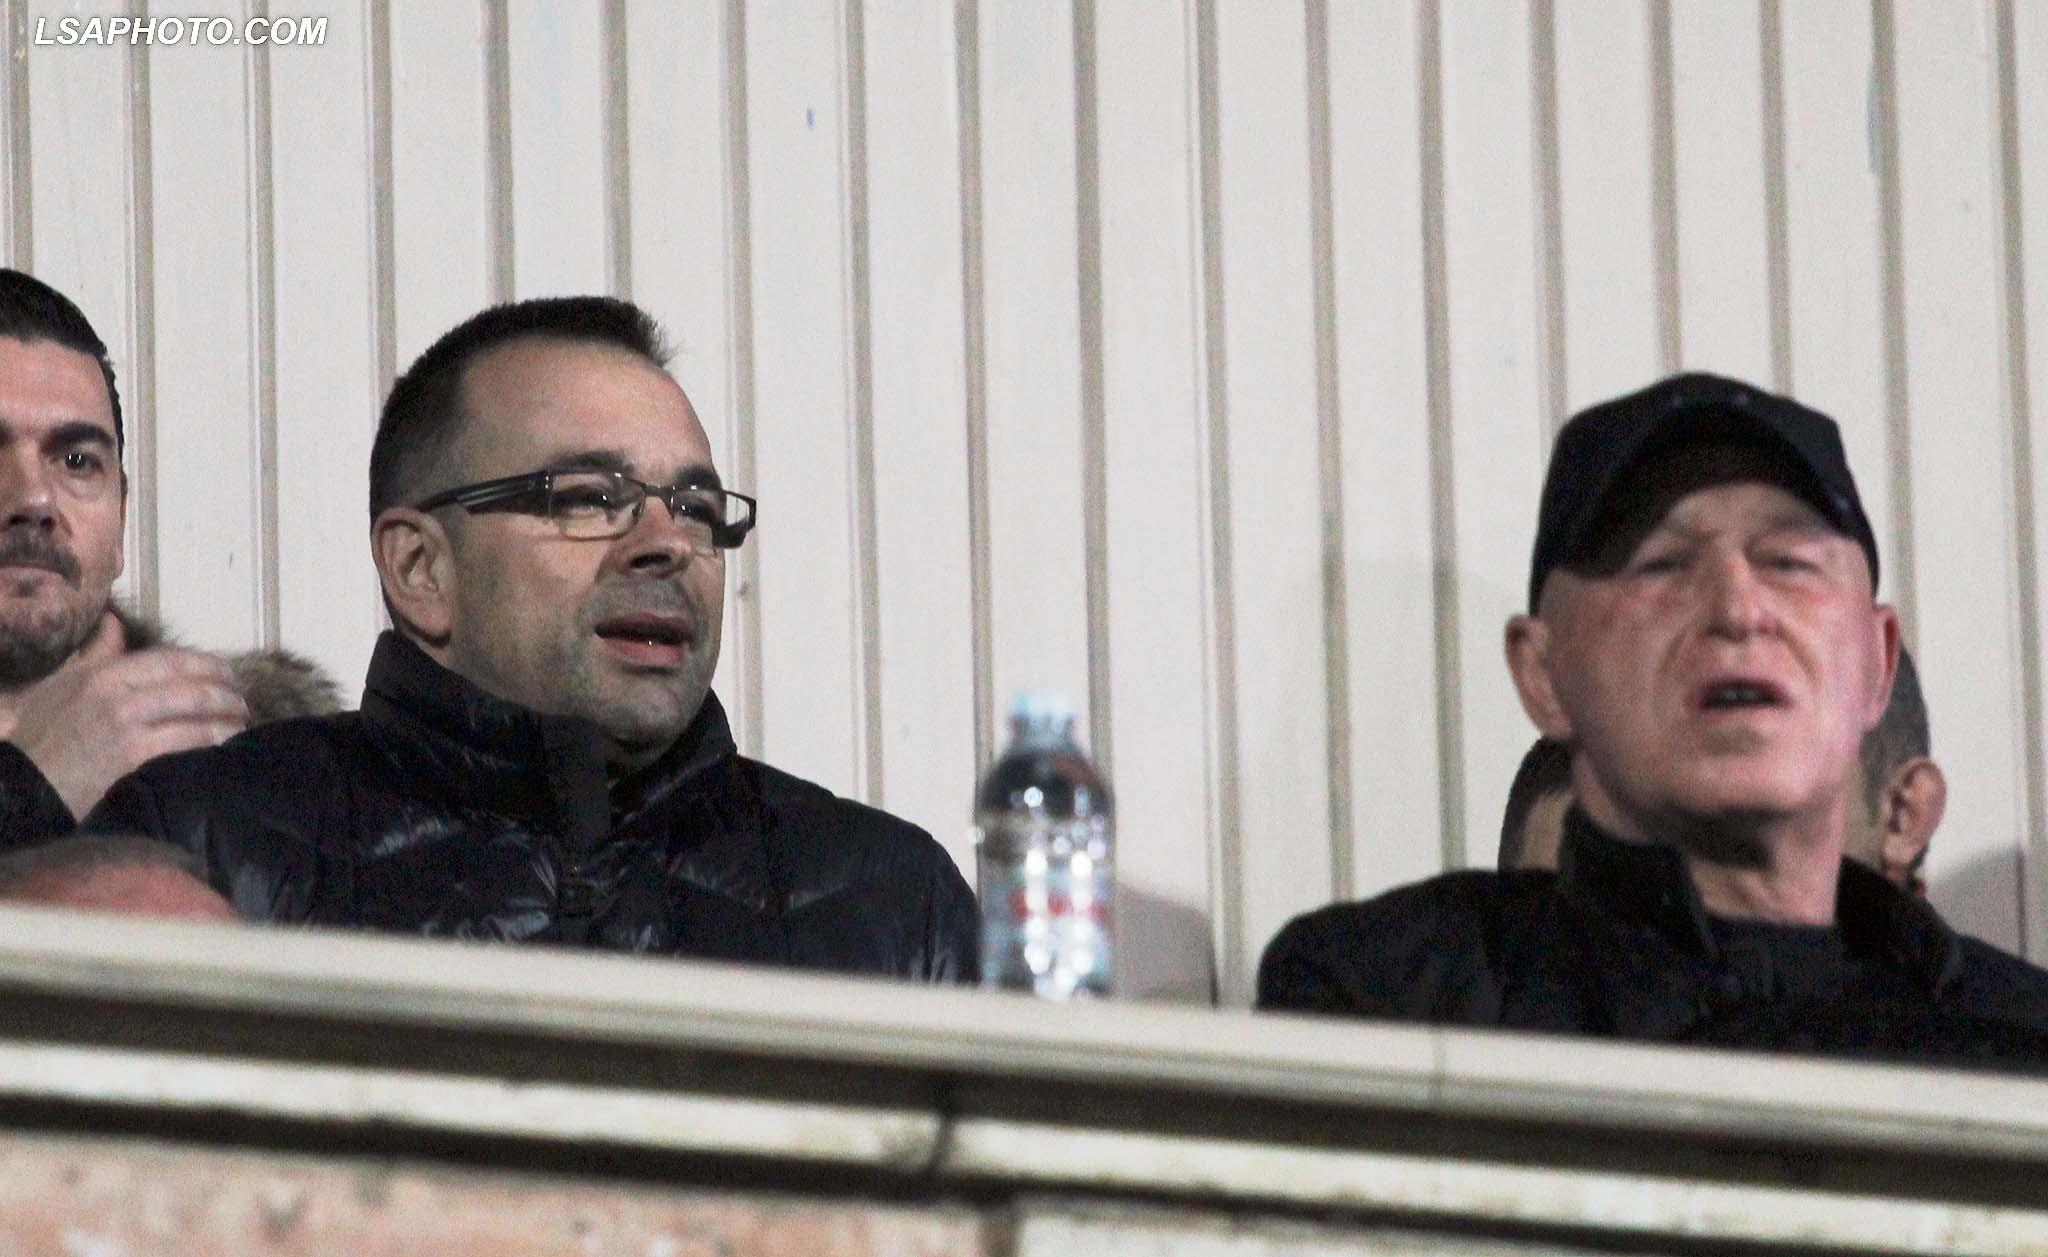 Presidenti i Partizanit Gaz Demi dhe Olsi Rama, gjate ndeshjes se futbollit, Partizani-Skenderbeu i Korces, 1-1, e vlefshme per Kampionatin Kombetar, e luajtur ne stadiumin Qemal Stafa, ne Tirane./r/n/r/nPartizani's President Gaz Demi dhe Olsi Rama during the Albanian Super League football match Partizani-Skenderbeu of Korca, 1-1, at the Qemal Stafa stadium in Tirana.